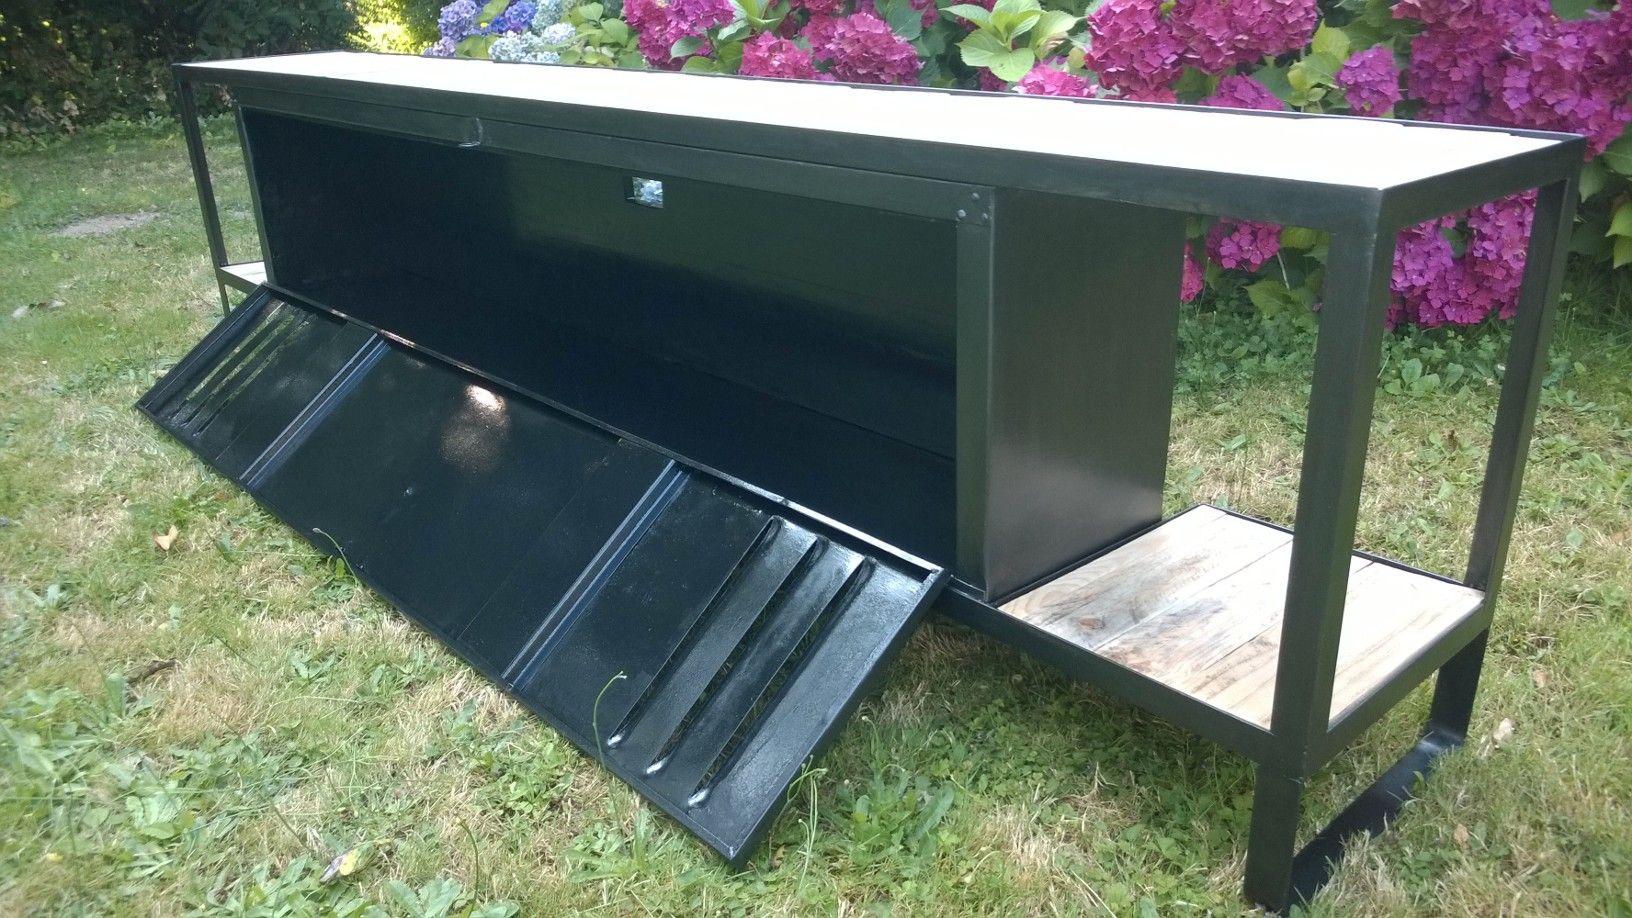 meuble tv sur mesure meuble tv bois et m tal r alis partir d 39 un ancien vestiaire m tallique. Black Bedroom Furniture Sets. Home Design Ideas